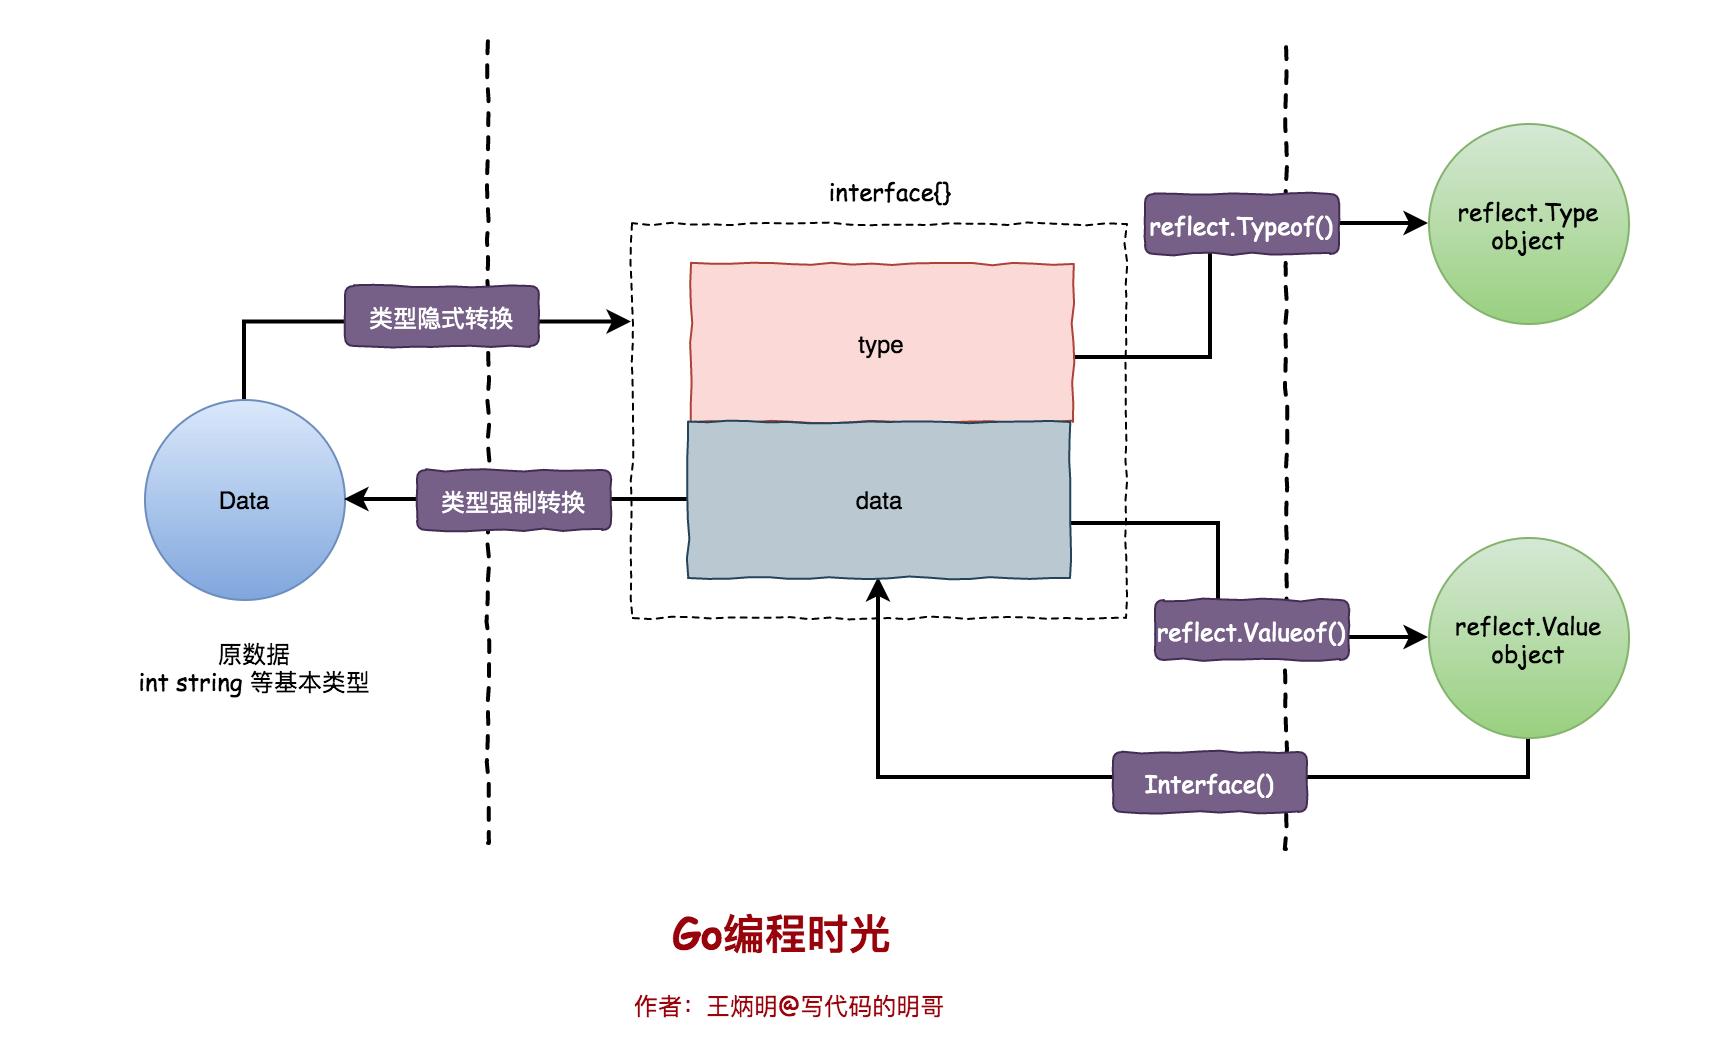 零基础学 Go 语言(22):图解反射三定律插图(3)